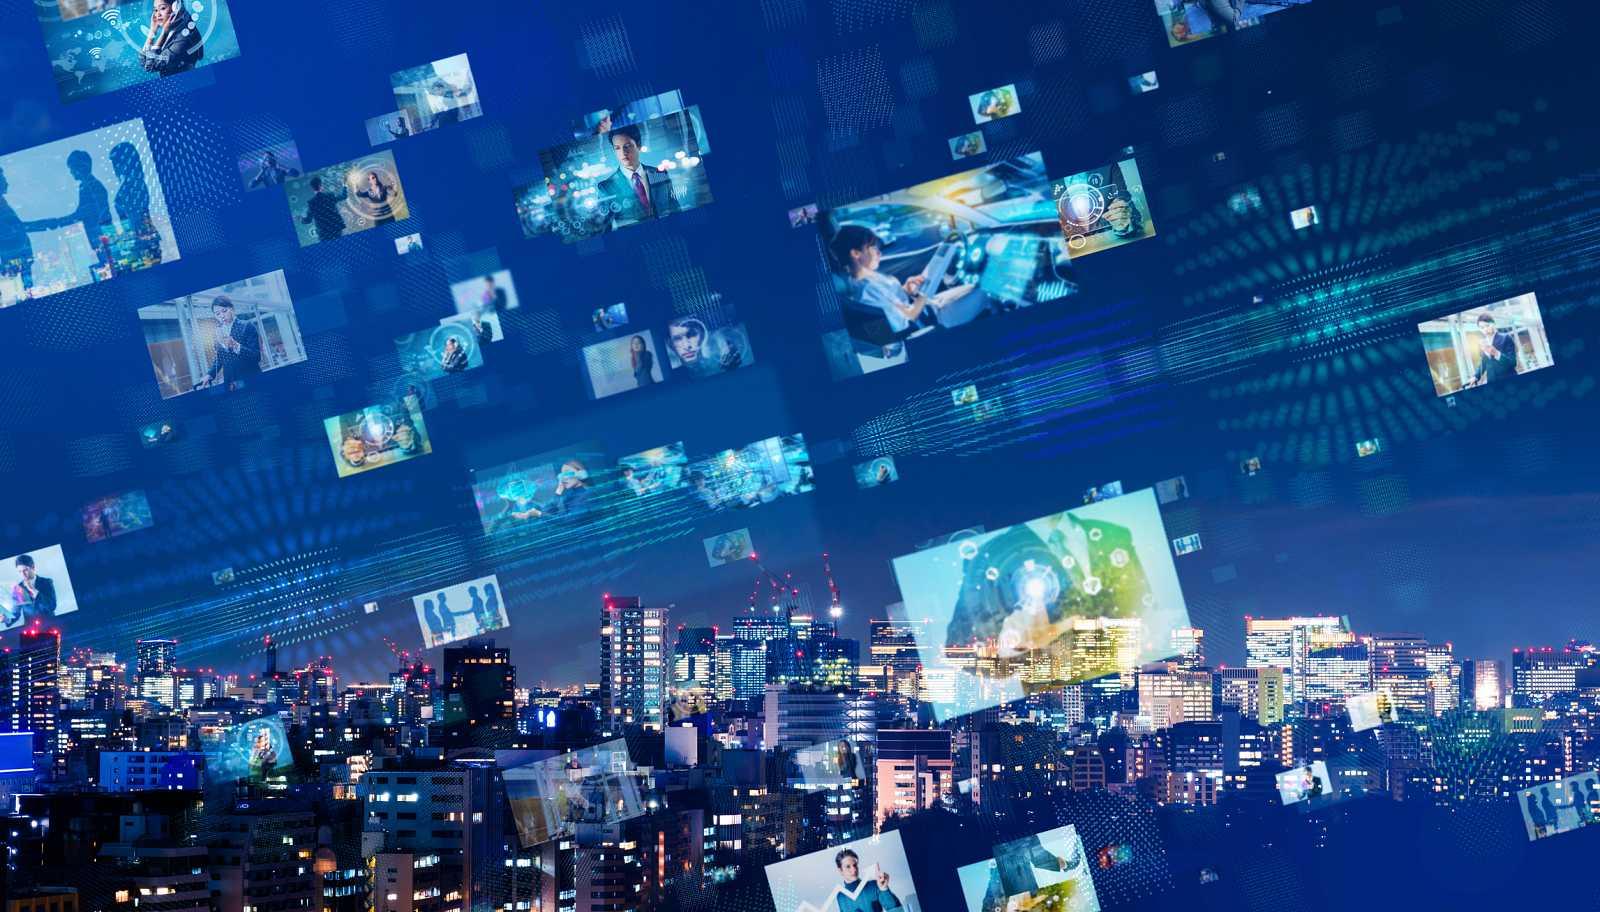 Periodismo tecnológico o ¿tecnología para el periodismo? En tiempos de pandemia